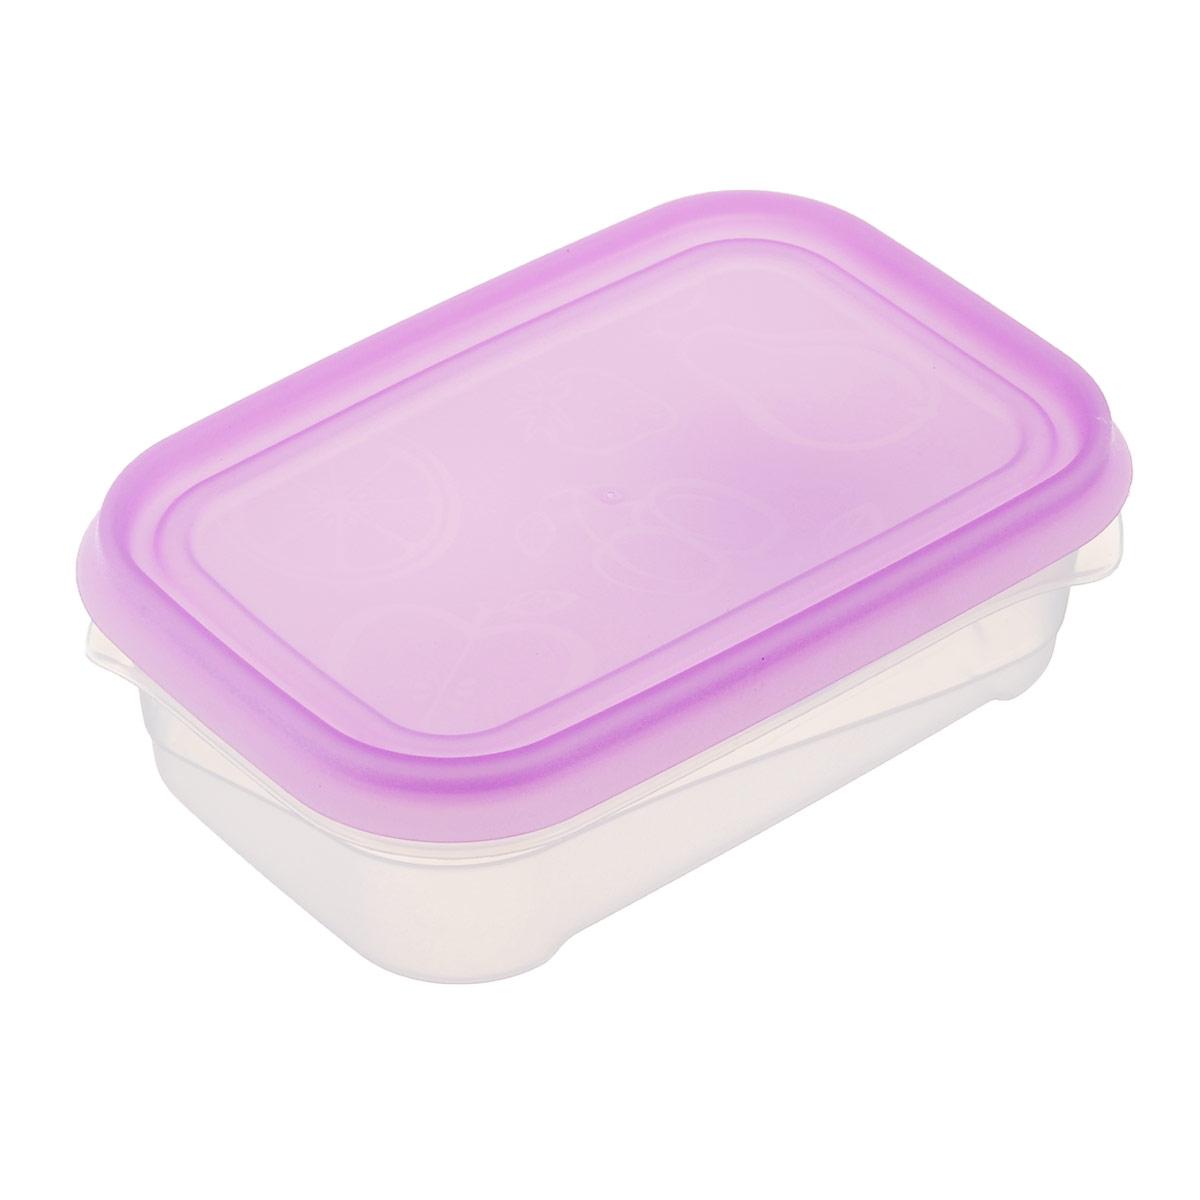 Контейнер Phibo Freeze, цвет: сиреневый, прозрачный, 500 млС11734Контейнер Phibo Freeze изготовлен из высококачественного полипропилена и не содержит Бисфенол А. Крышка легко и плотно закрывается. Контейнер устойчив к воздействию масел и жиров, легко моется.Подходит для использования в микроволновых печах, выдерживает хранение в морозильной камере, его можно мыть в посудомоечной машине.